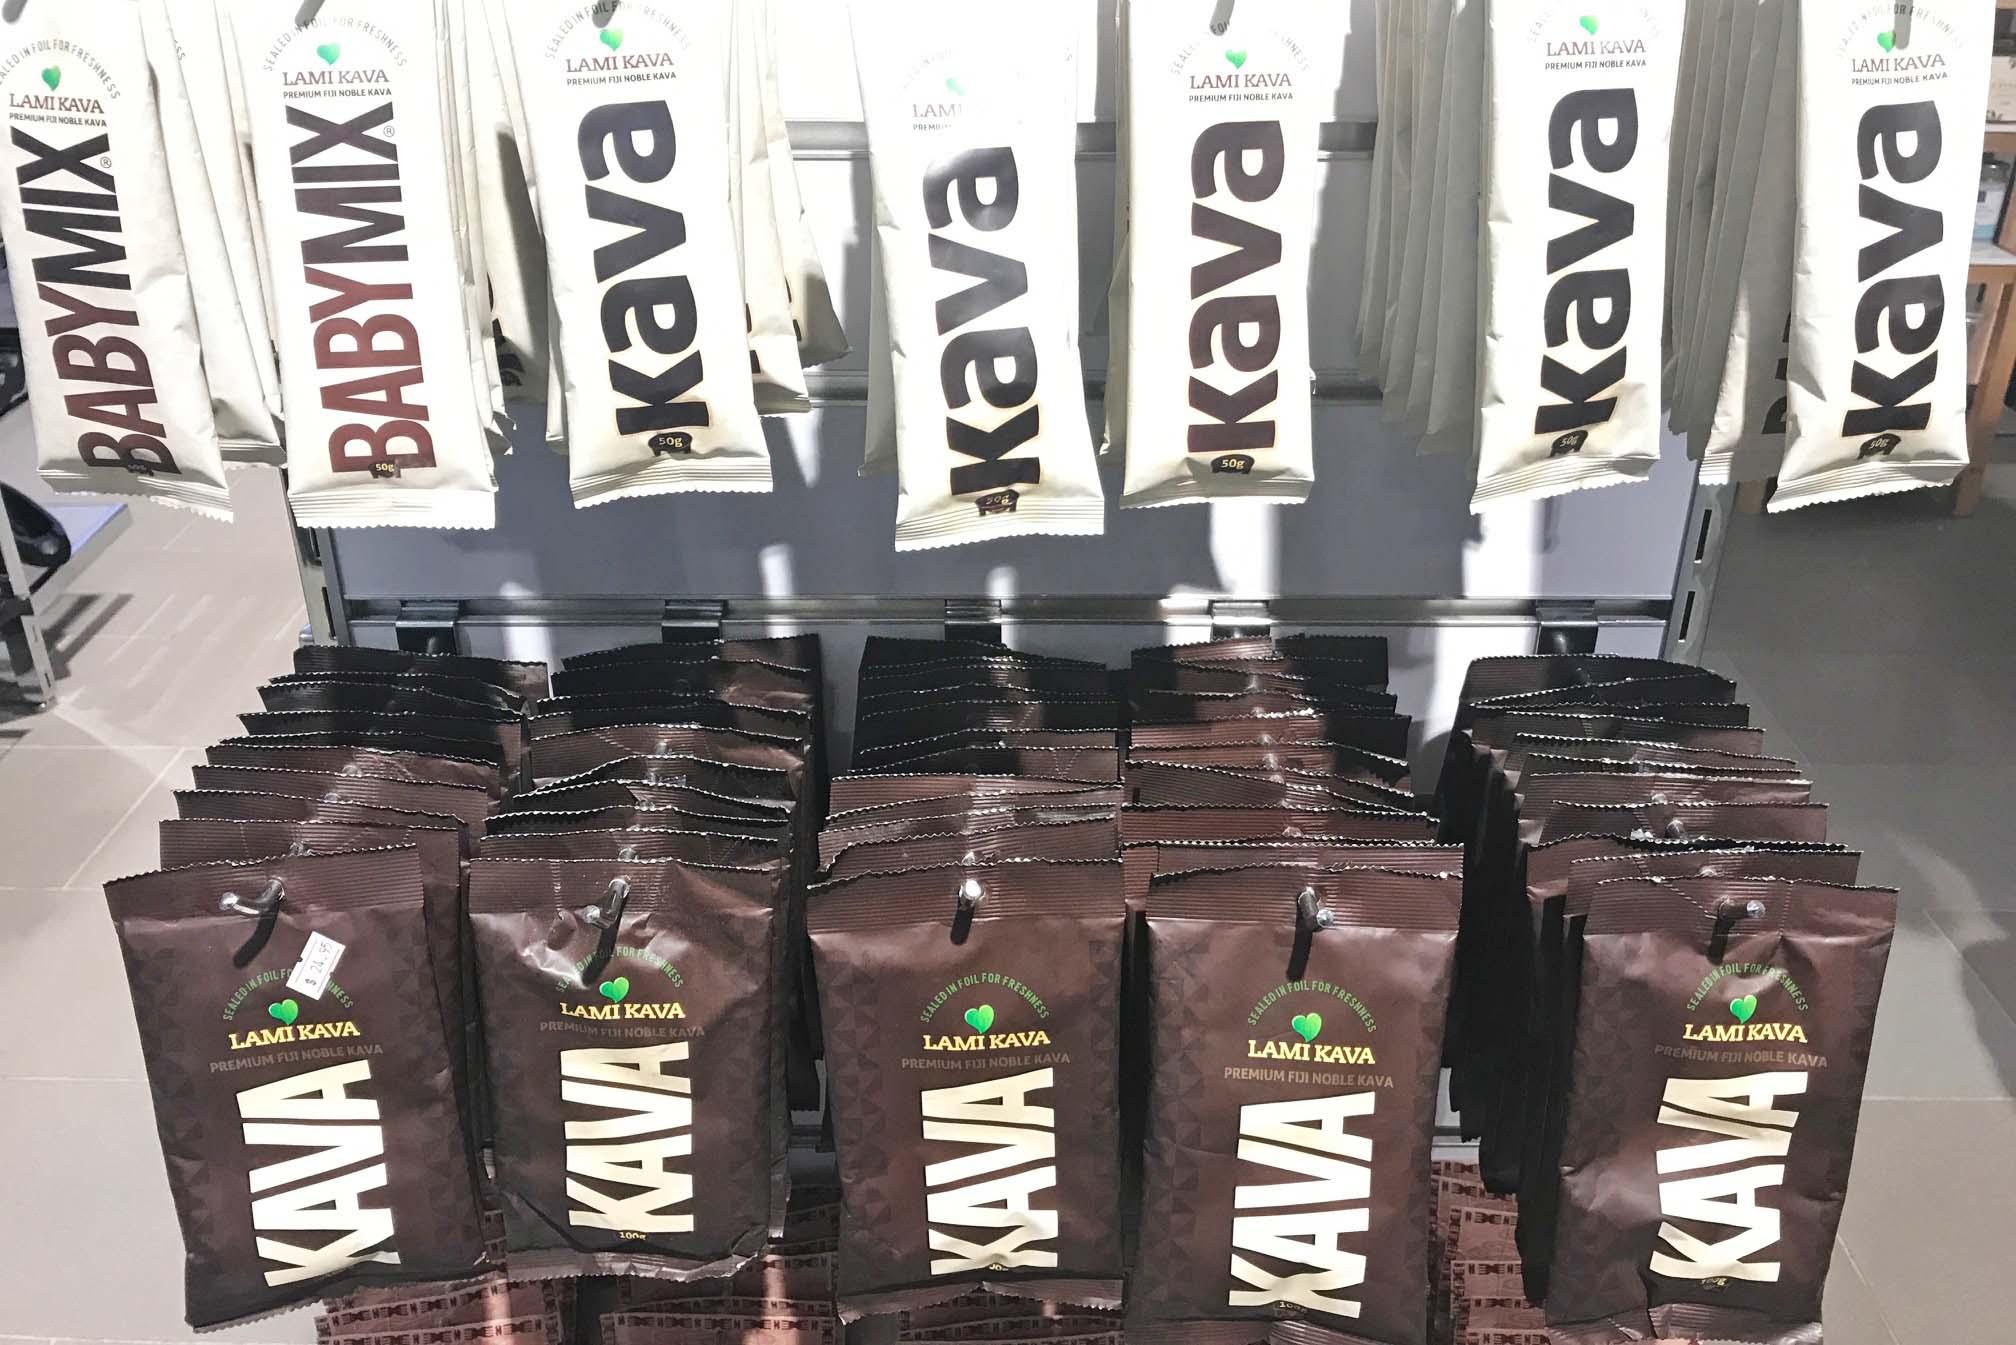 kava drink fiji